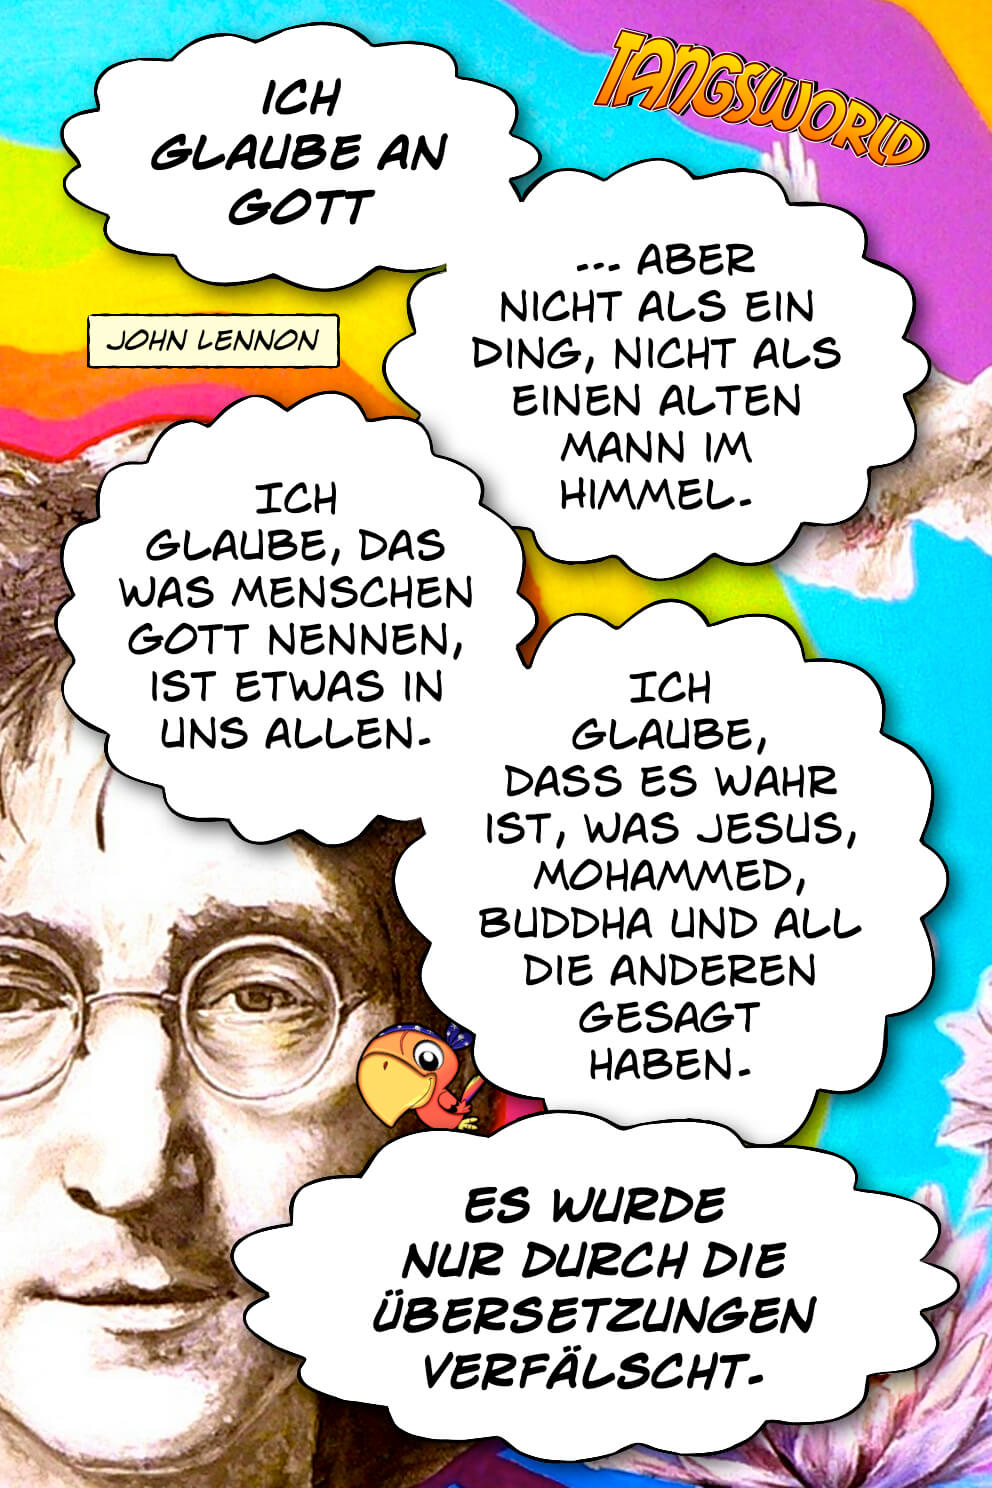 Ich glaube an Gott, aber nicht als ein Ding, nicht als einen alten Mann im Himmel. Ich glaube, das was Menschen Gott nennen, ist etwas in uns allen. Ich glaube, dass es wahr ist, was Jesus, Mohammed, Buddha und all die anderen gesagt haben. Es wurde nur durch die Übersetzungen verfälscht. - Geistesblitze | John Lennon